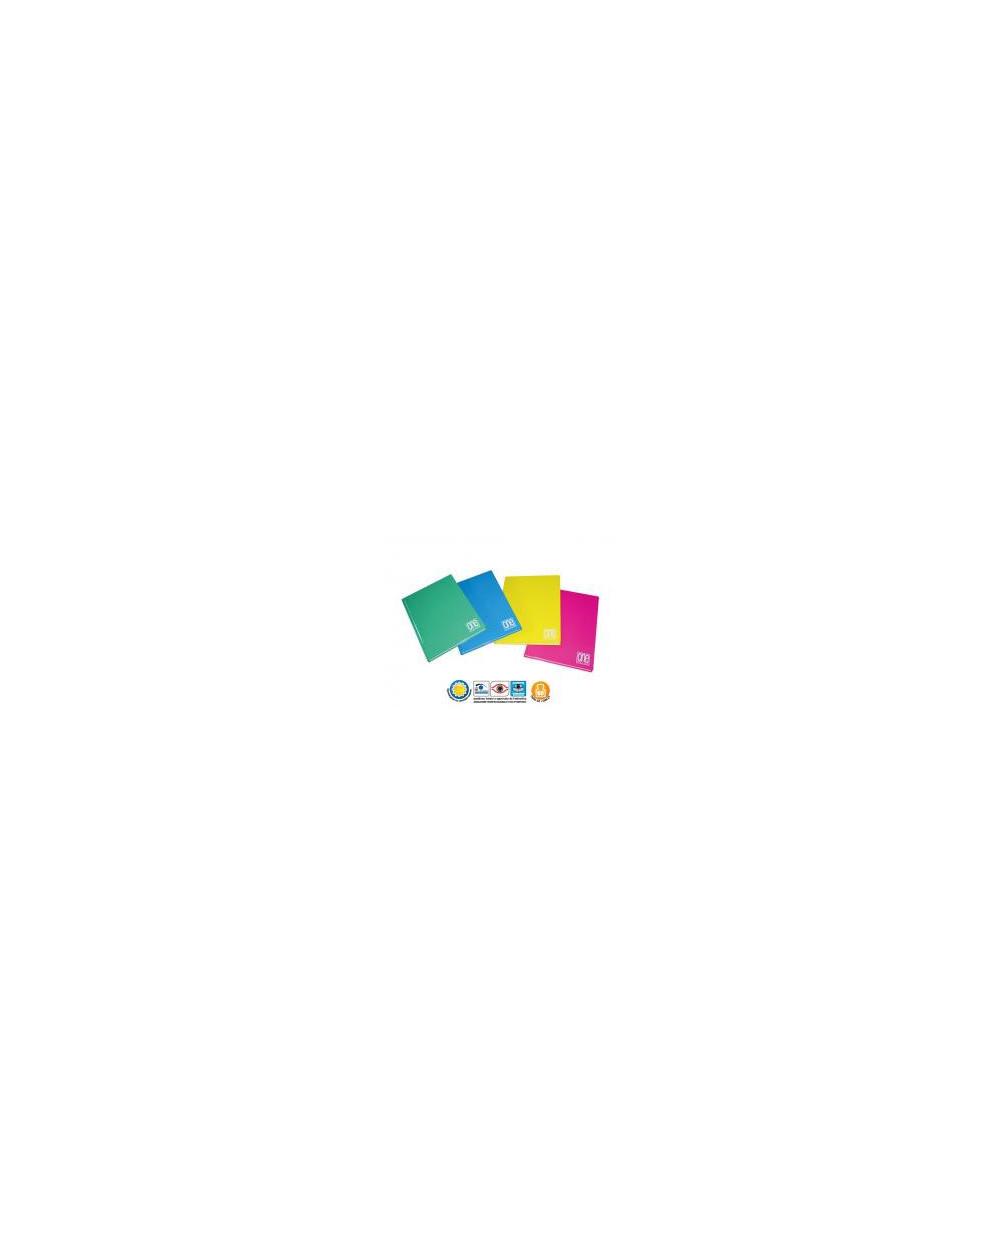 Тетрадка BLASETTI, A5 тв.корица, One Color, 144 л.ред, 60 г/м2